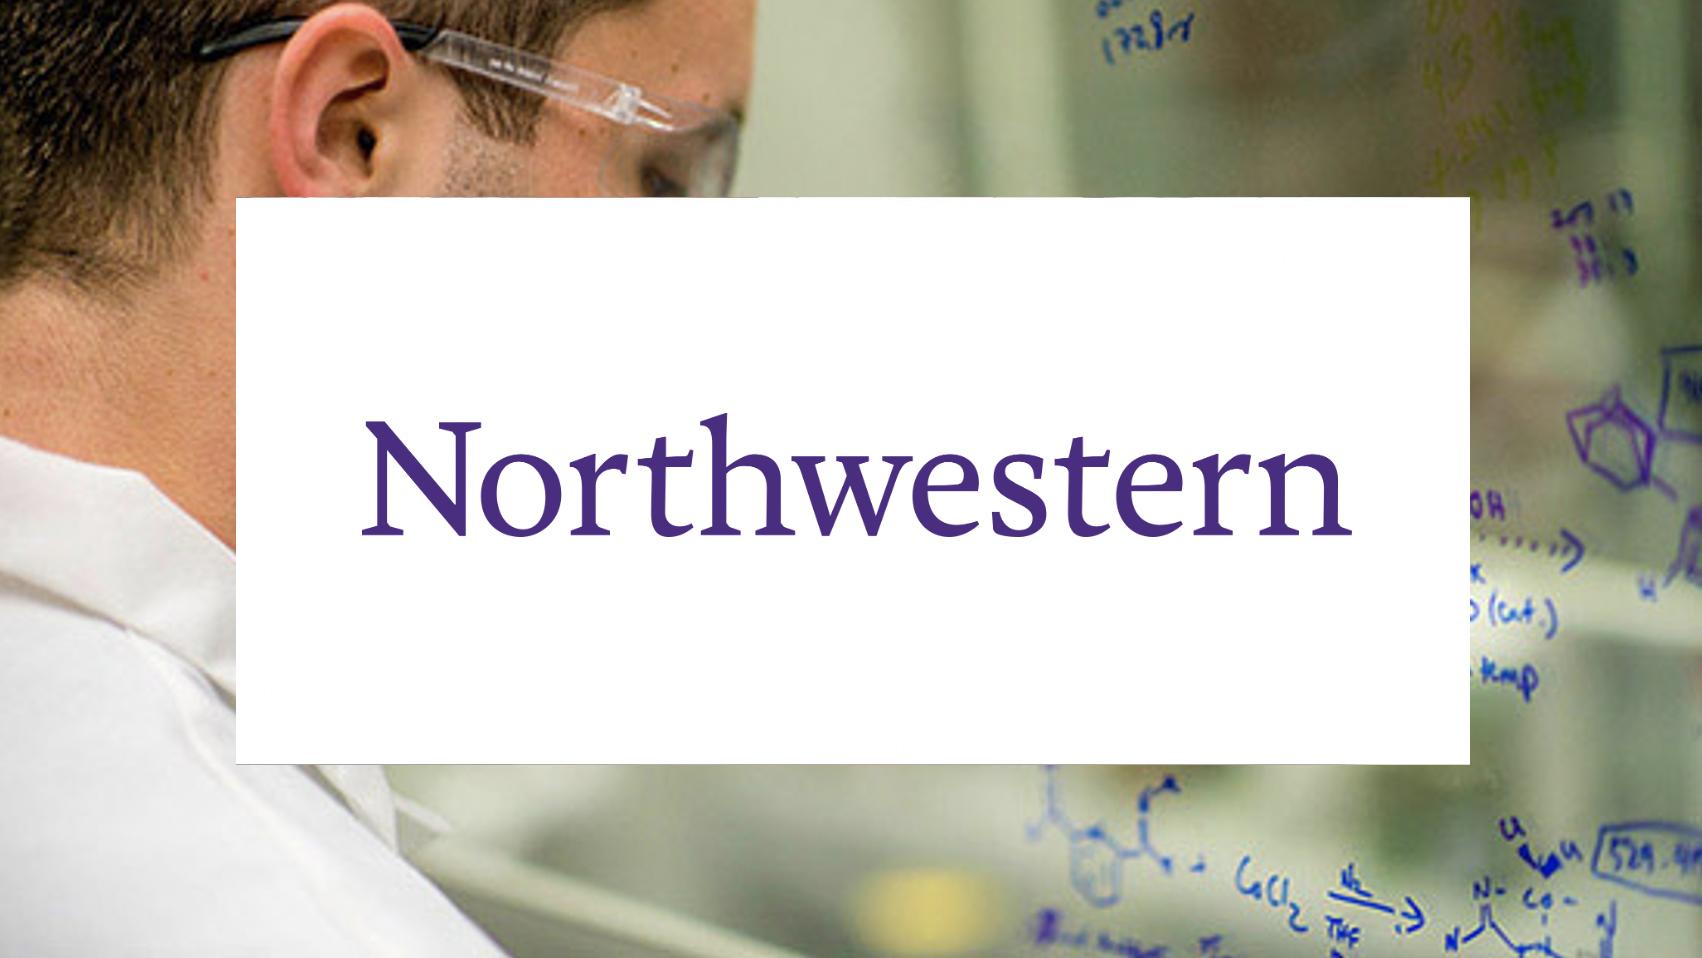 Northwestern_OG_Image copy_3.jpg